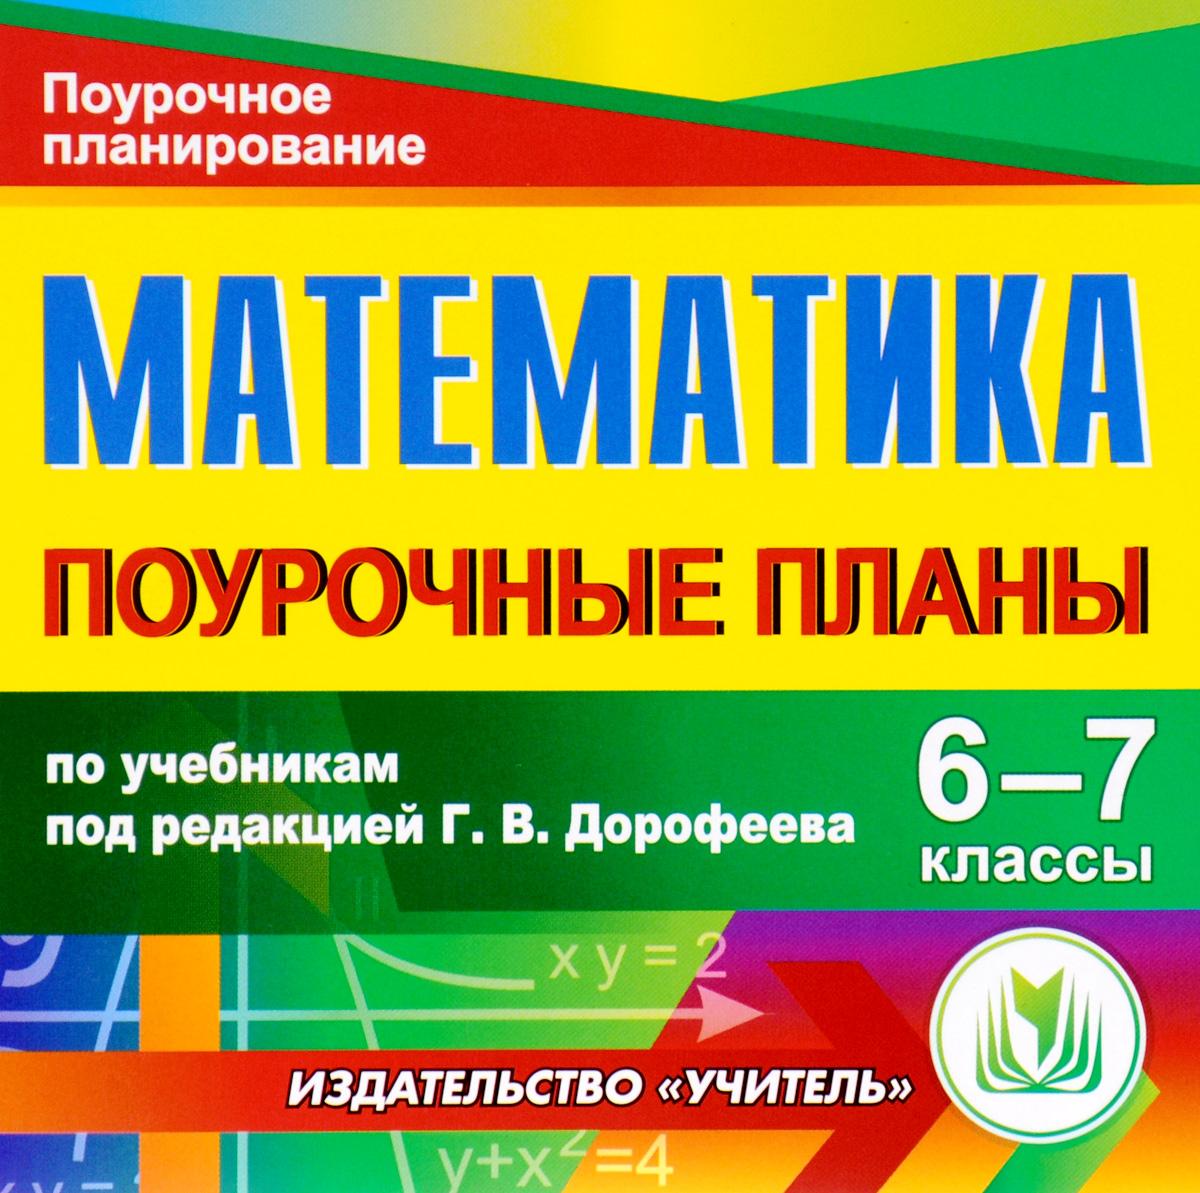 Математика. 6-7 классы. Поурочные планы по учебникам под редакцией Г. В. Дорофеева